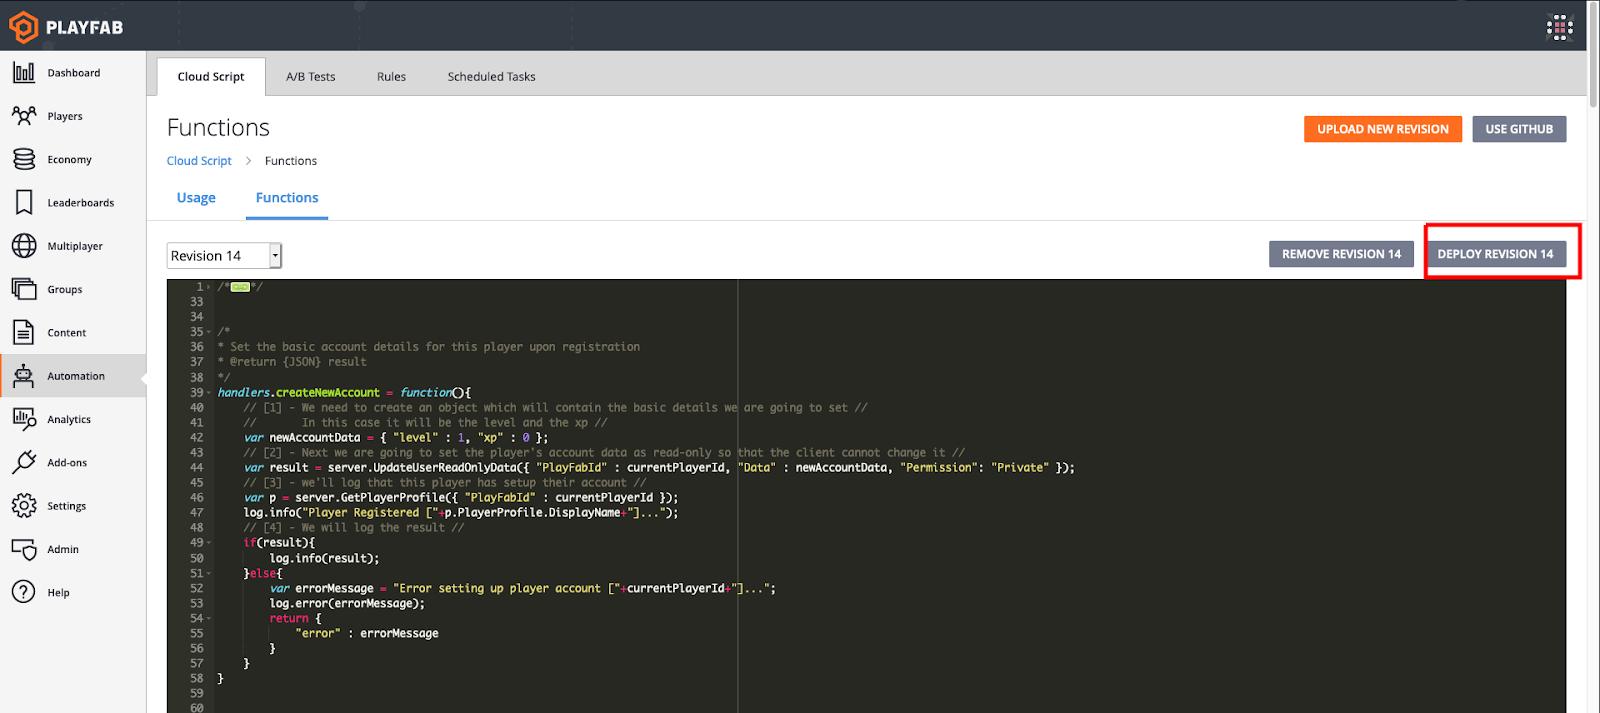 CloudScript revision number